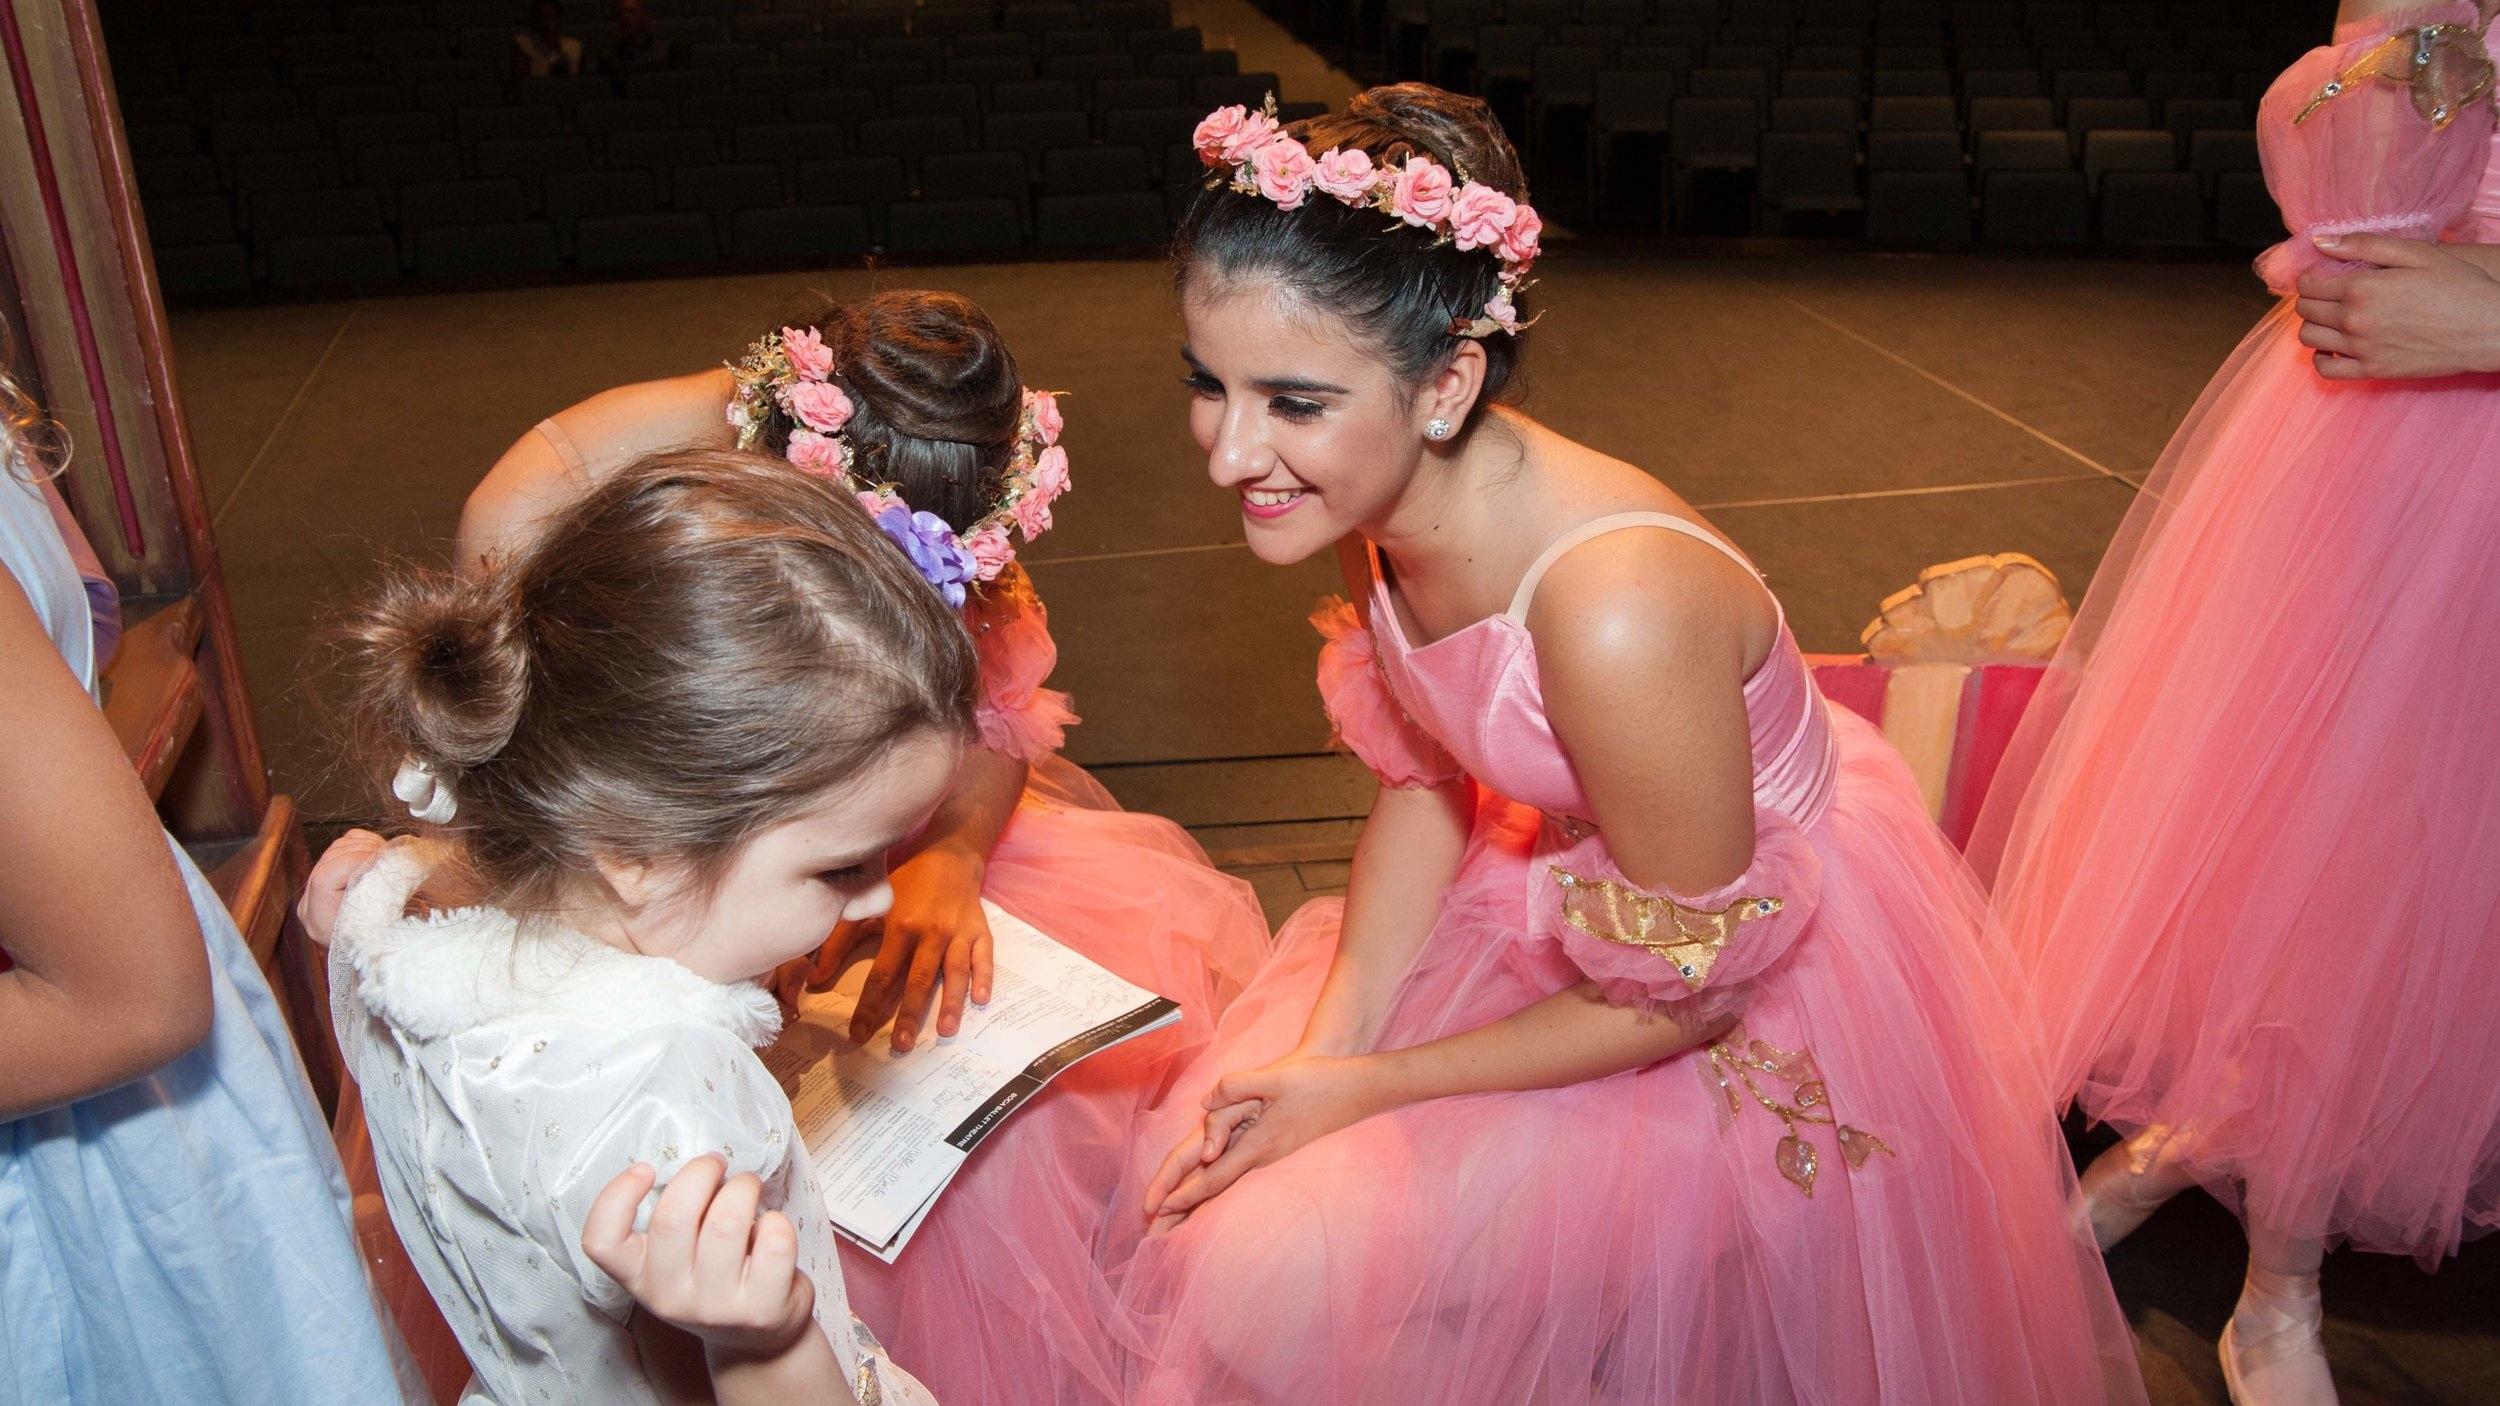 Gingerbread-Ball-Boca-Ballet-Theatre-3.jpg